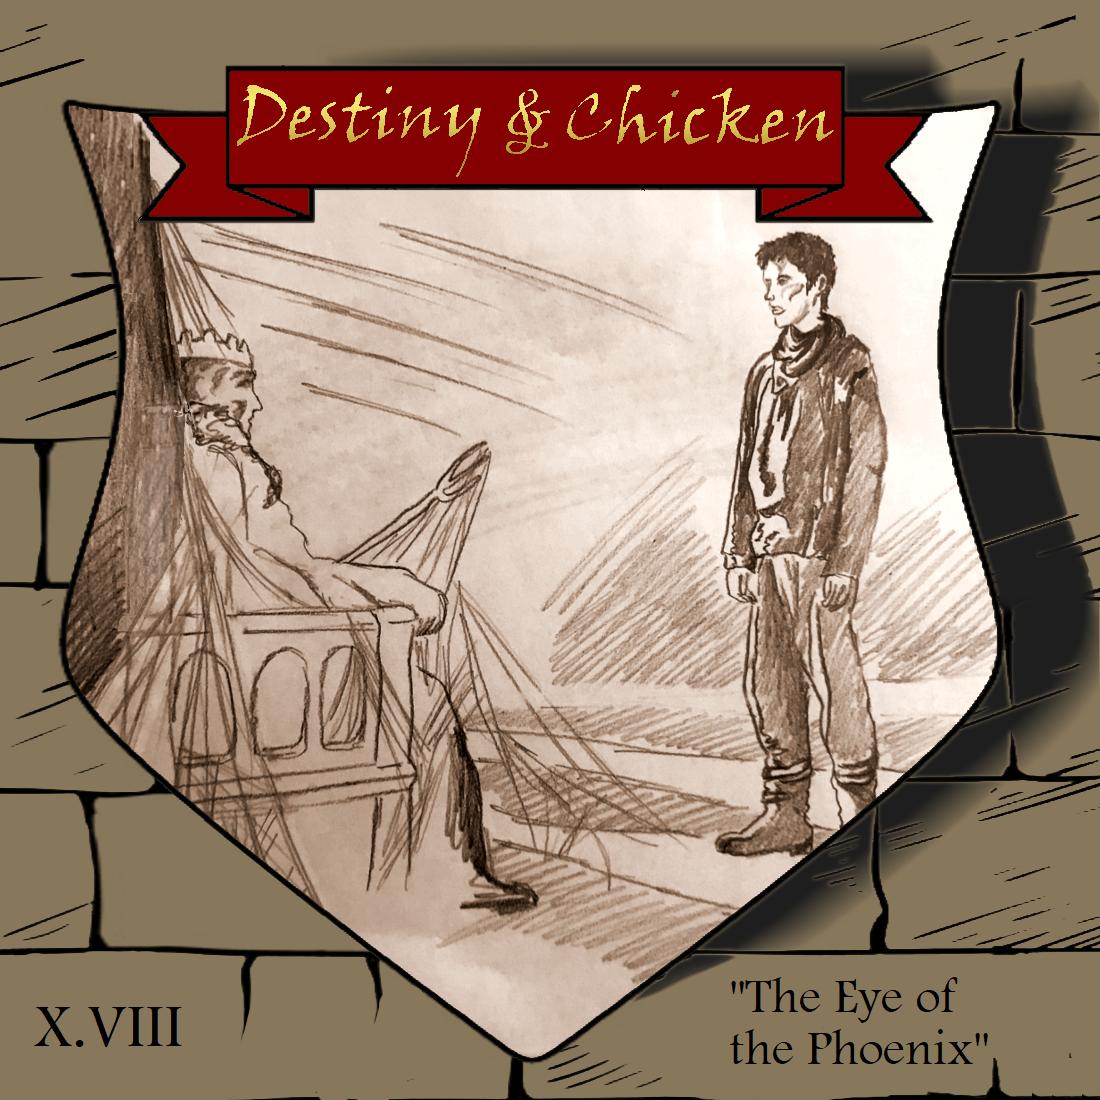 Episode III.VIII - The Eye of the Phoenix